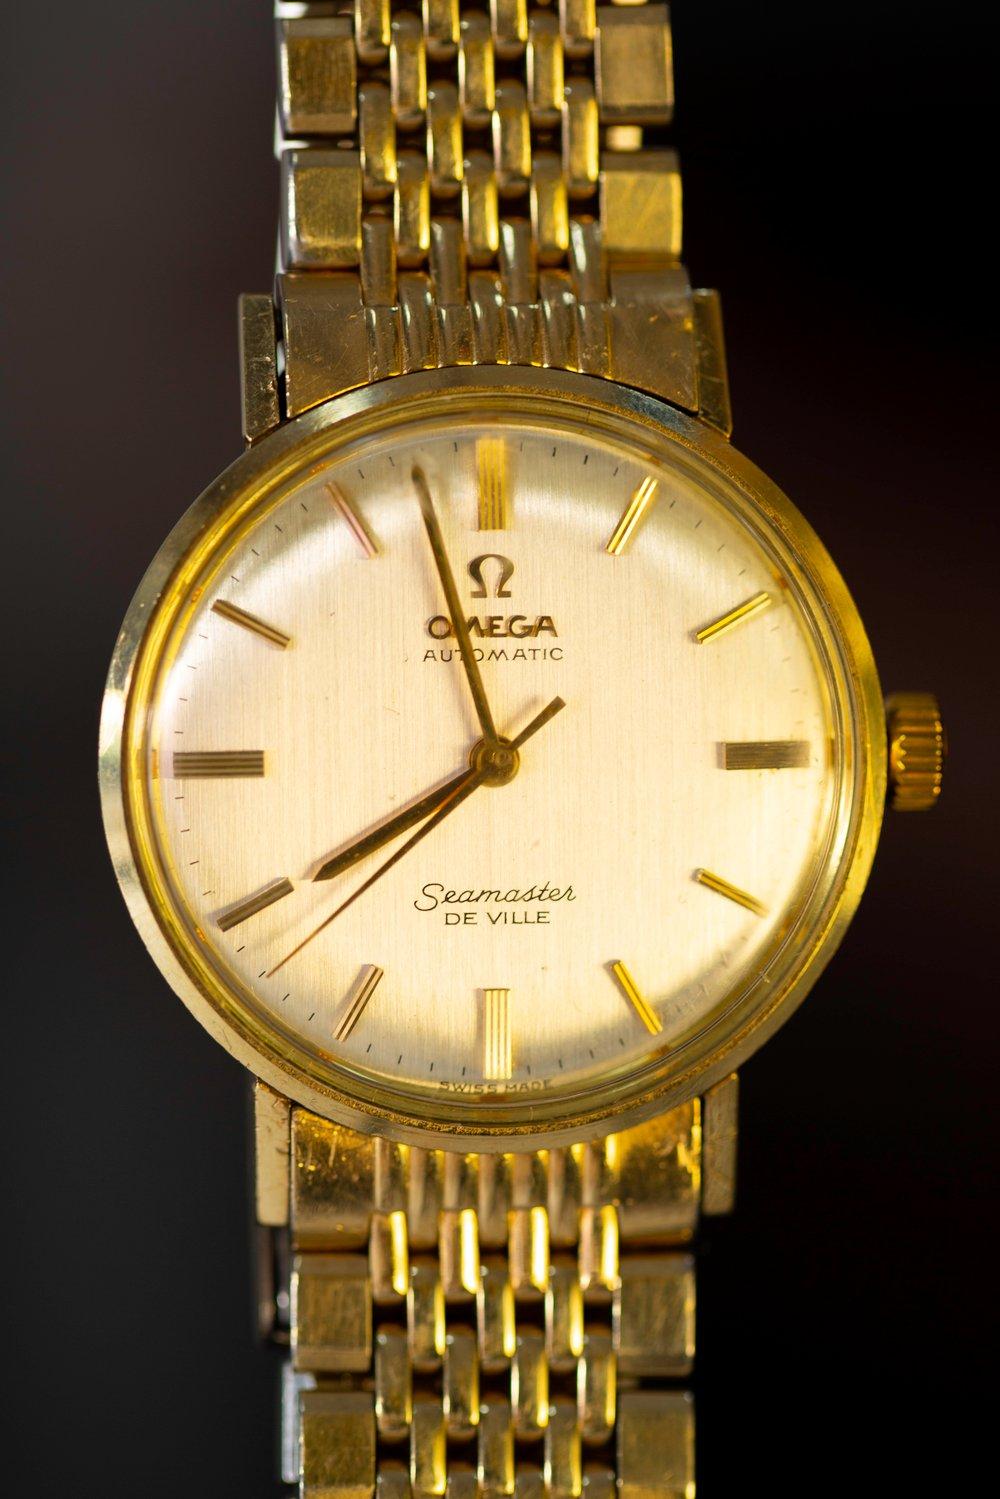 Image of 0007 - 1965 Omega Seamaster De Ville